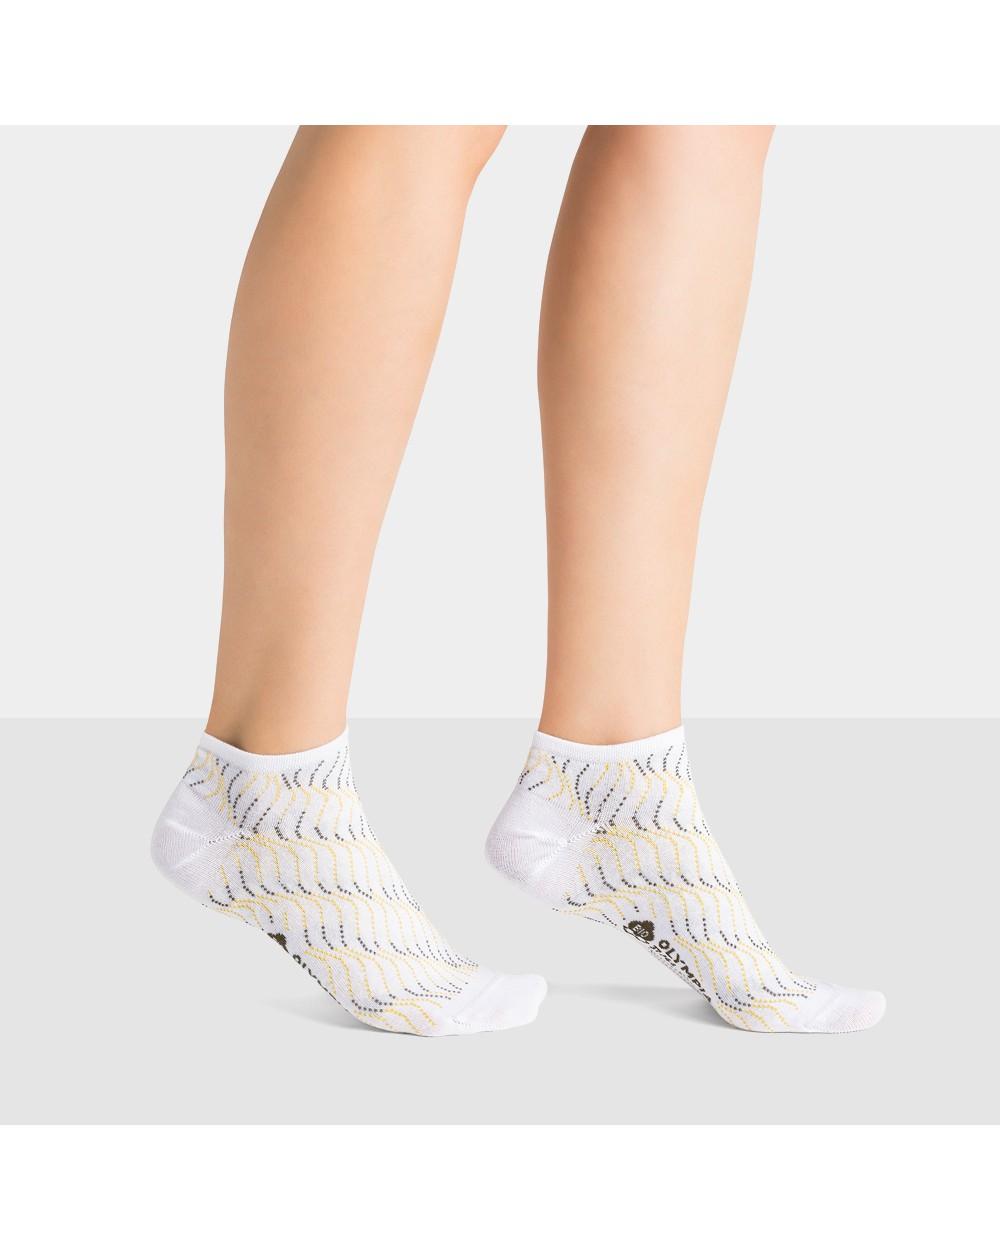 Socquettes Coton Bio Motif Vagues